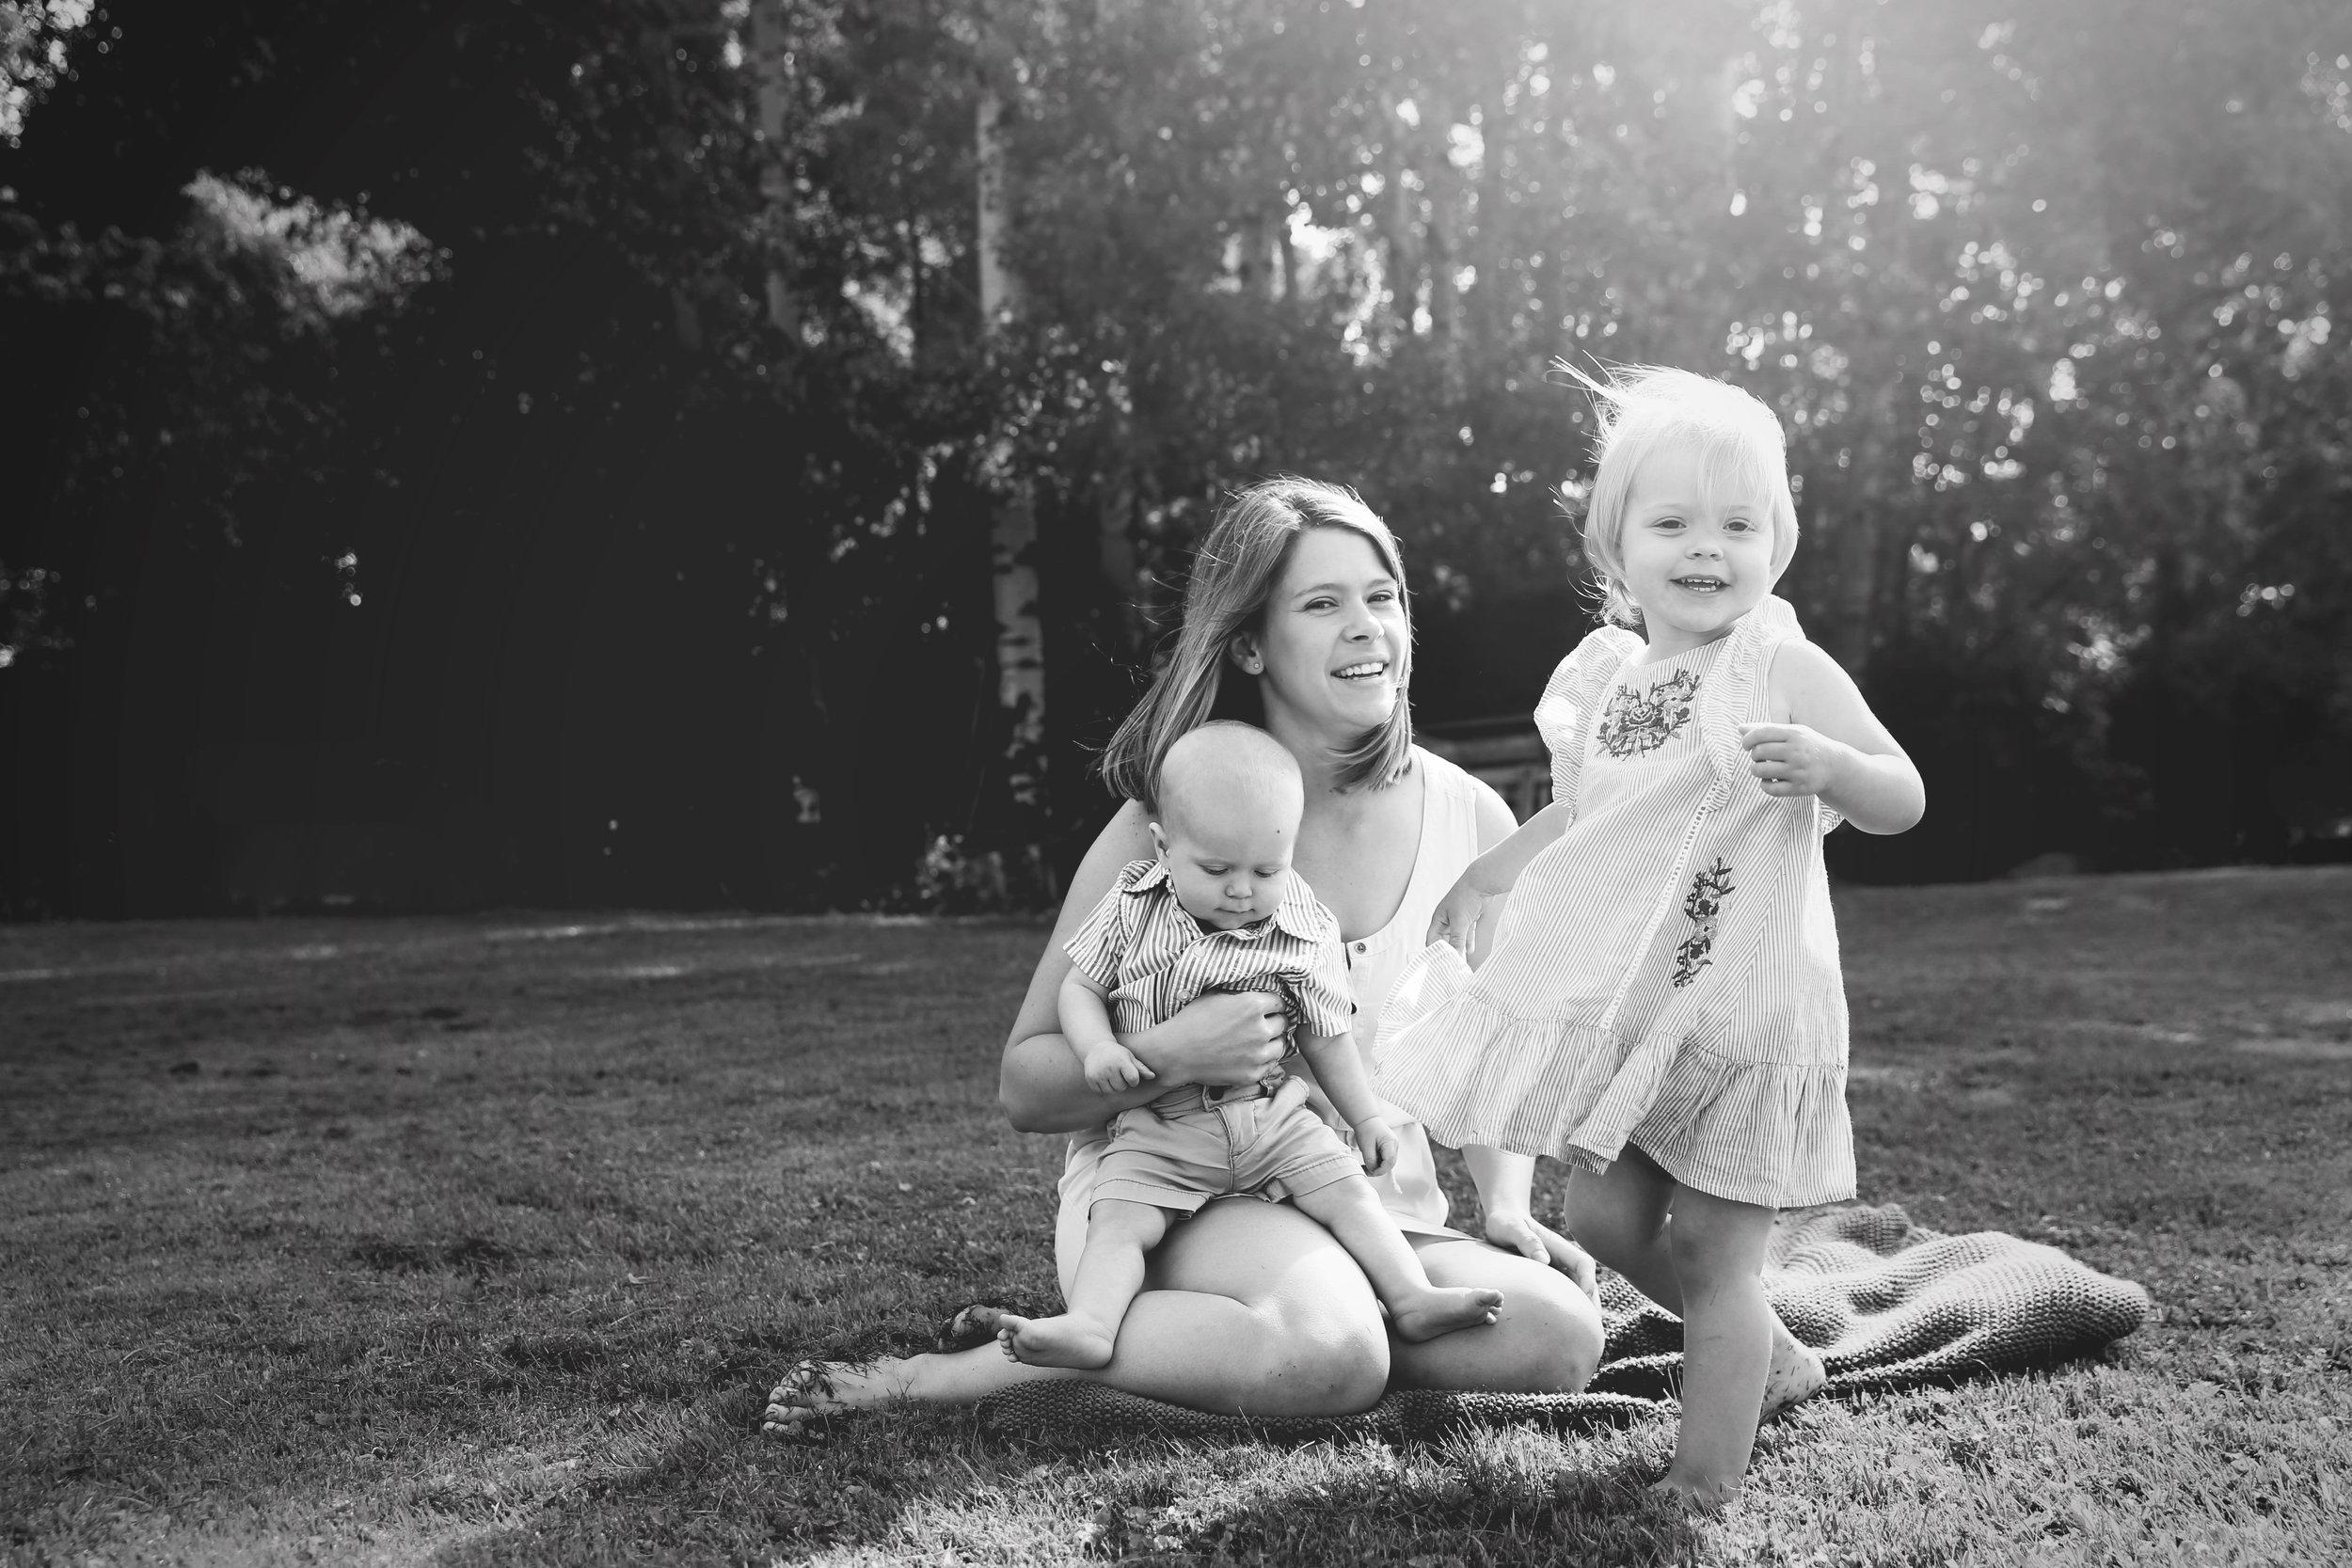 WNY Family photographer